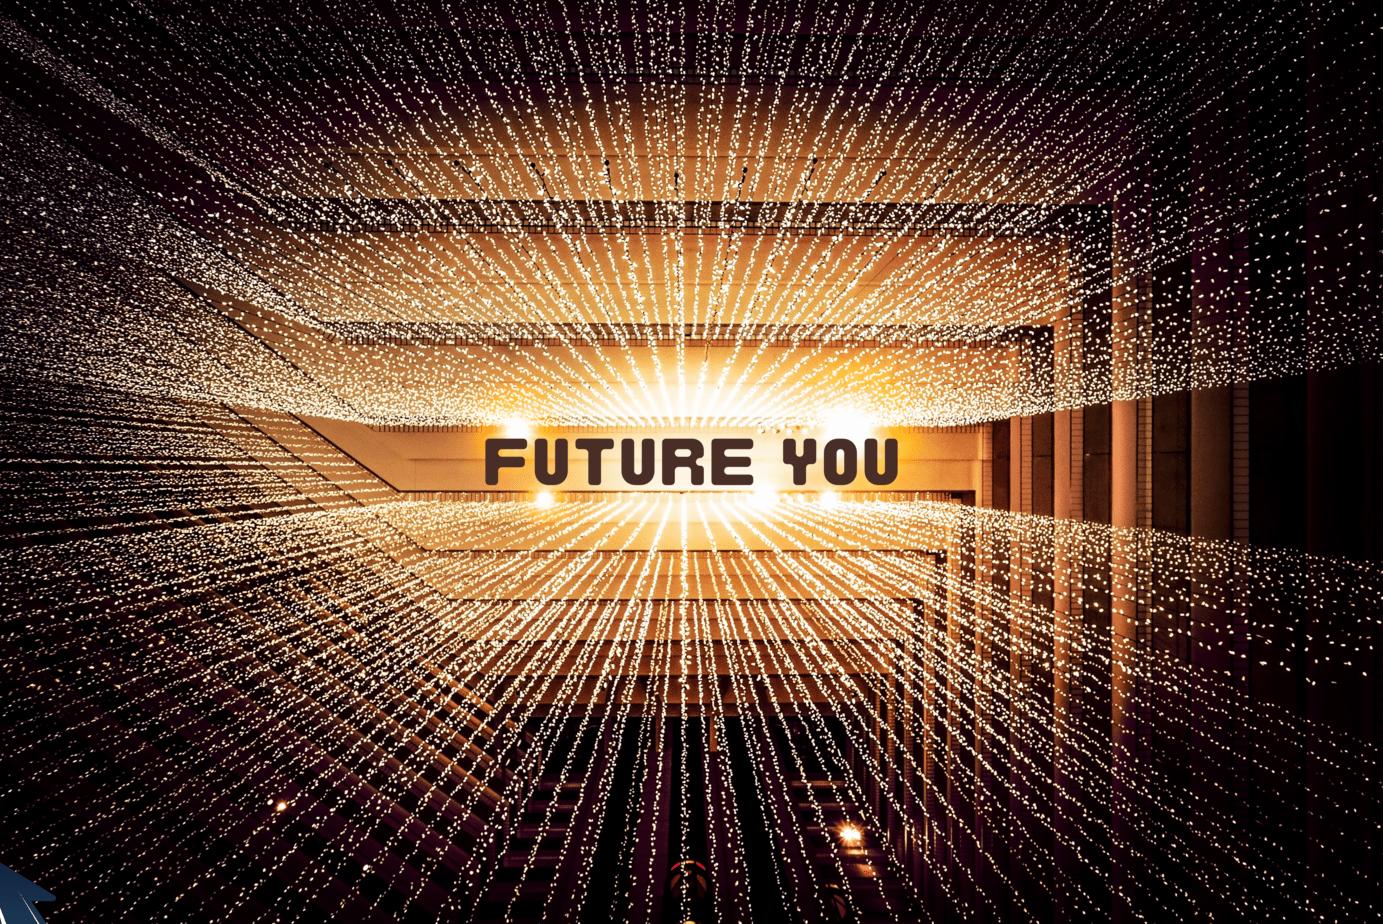 Future You - Meet Your Future Self